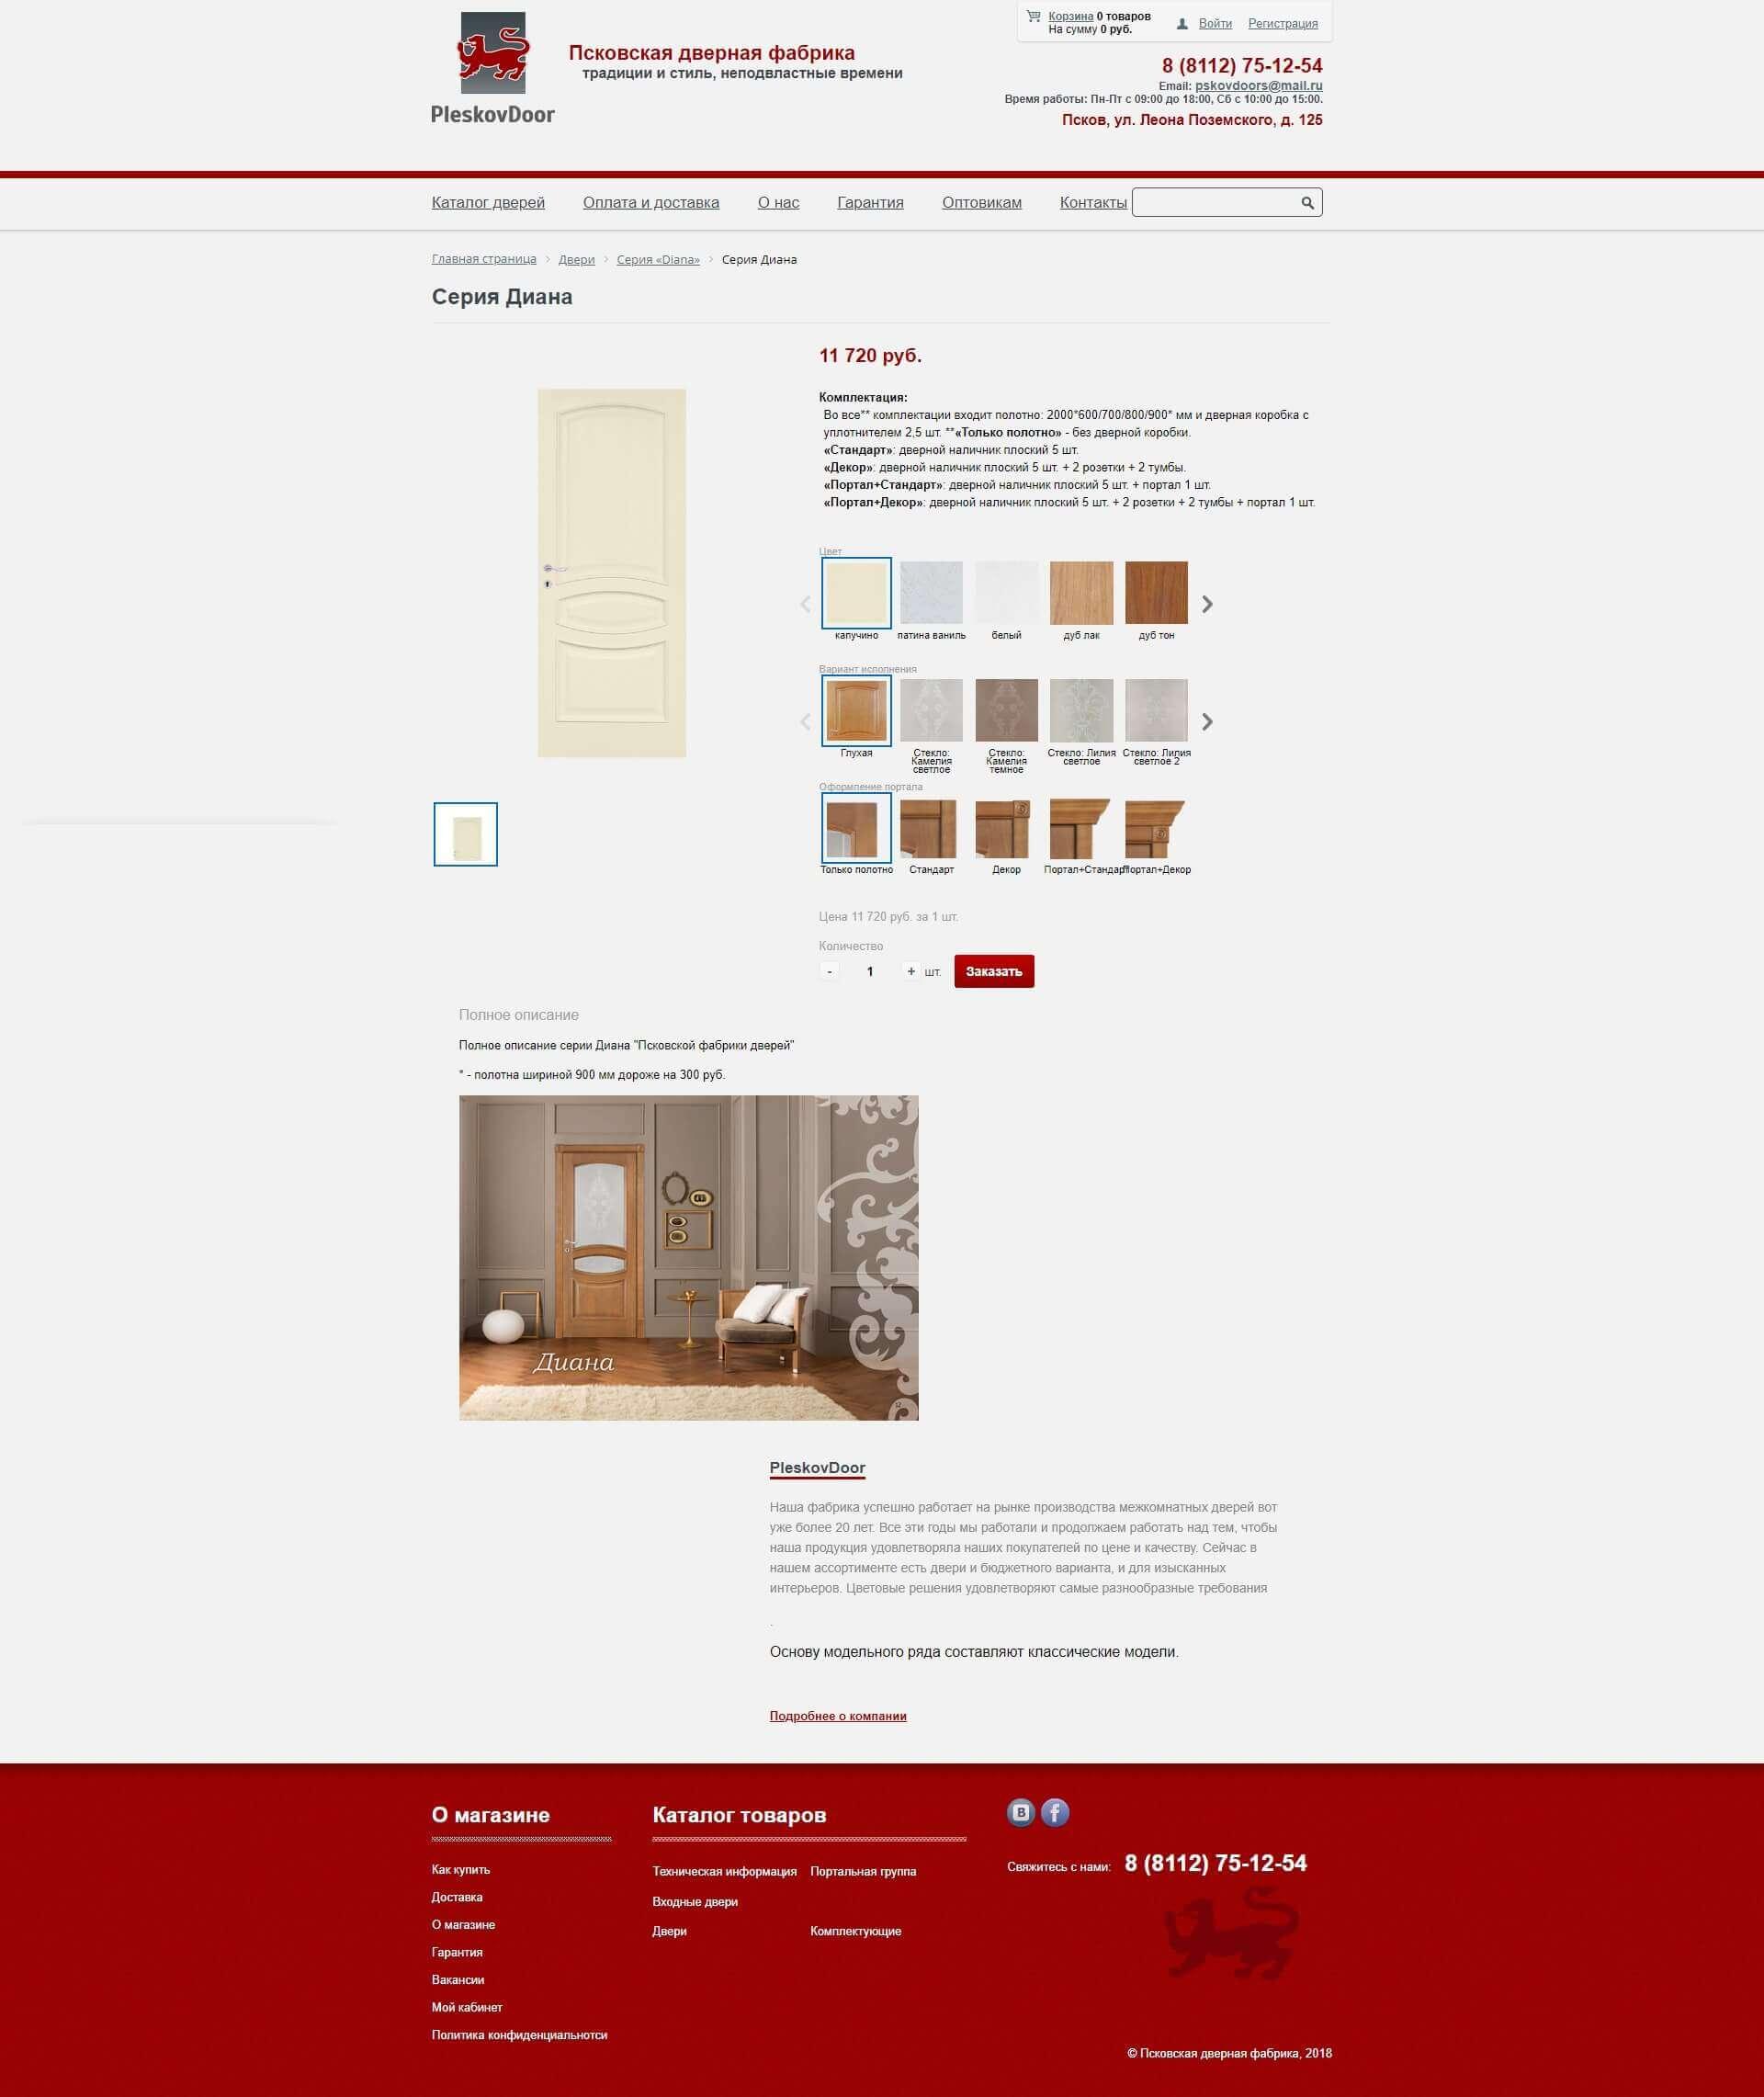 Интернет-магазин для Псковской дверной фабрики 2